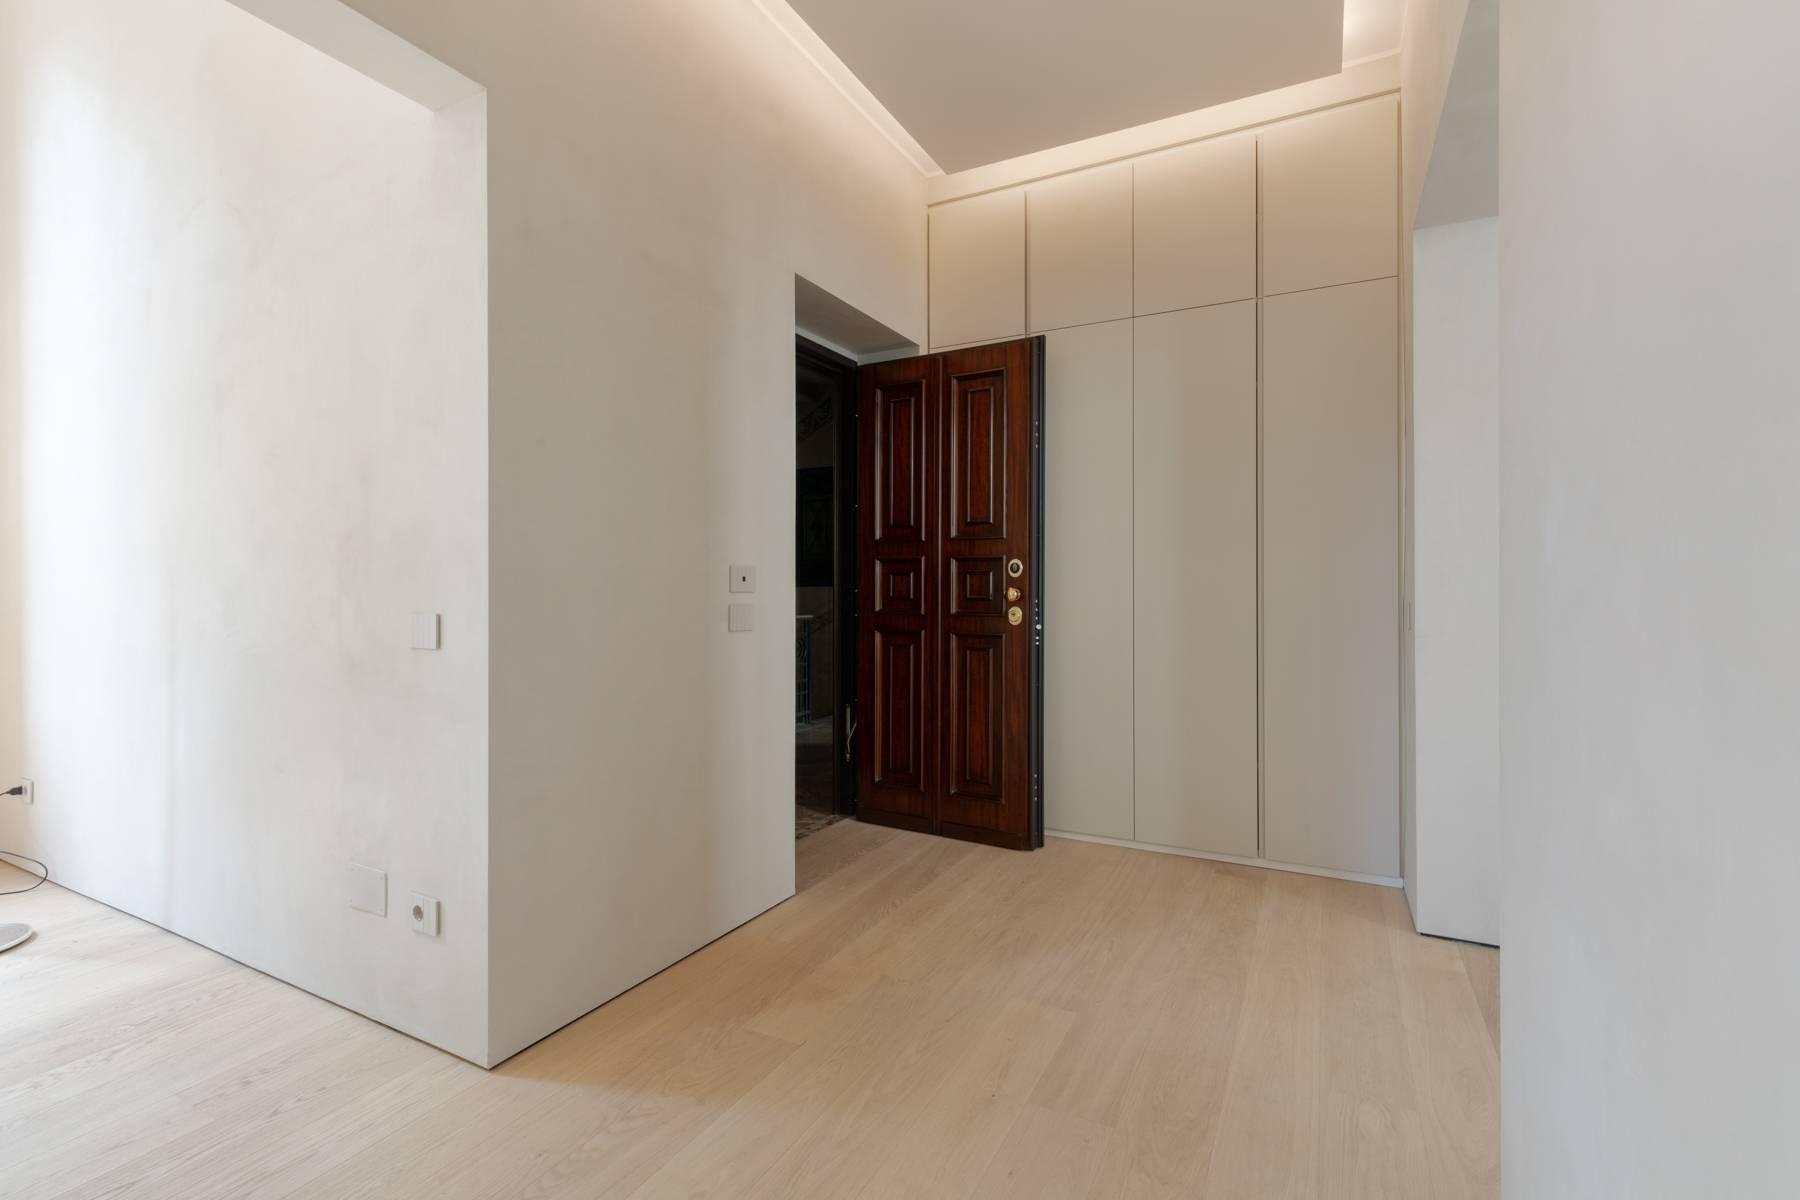 Elegante appartamento nel centro di Piacenza - 4